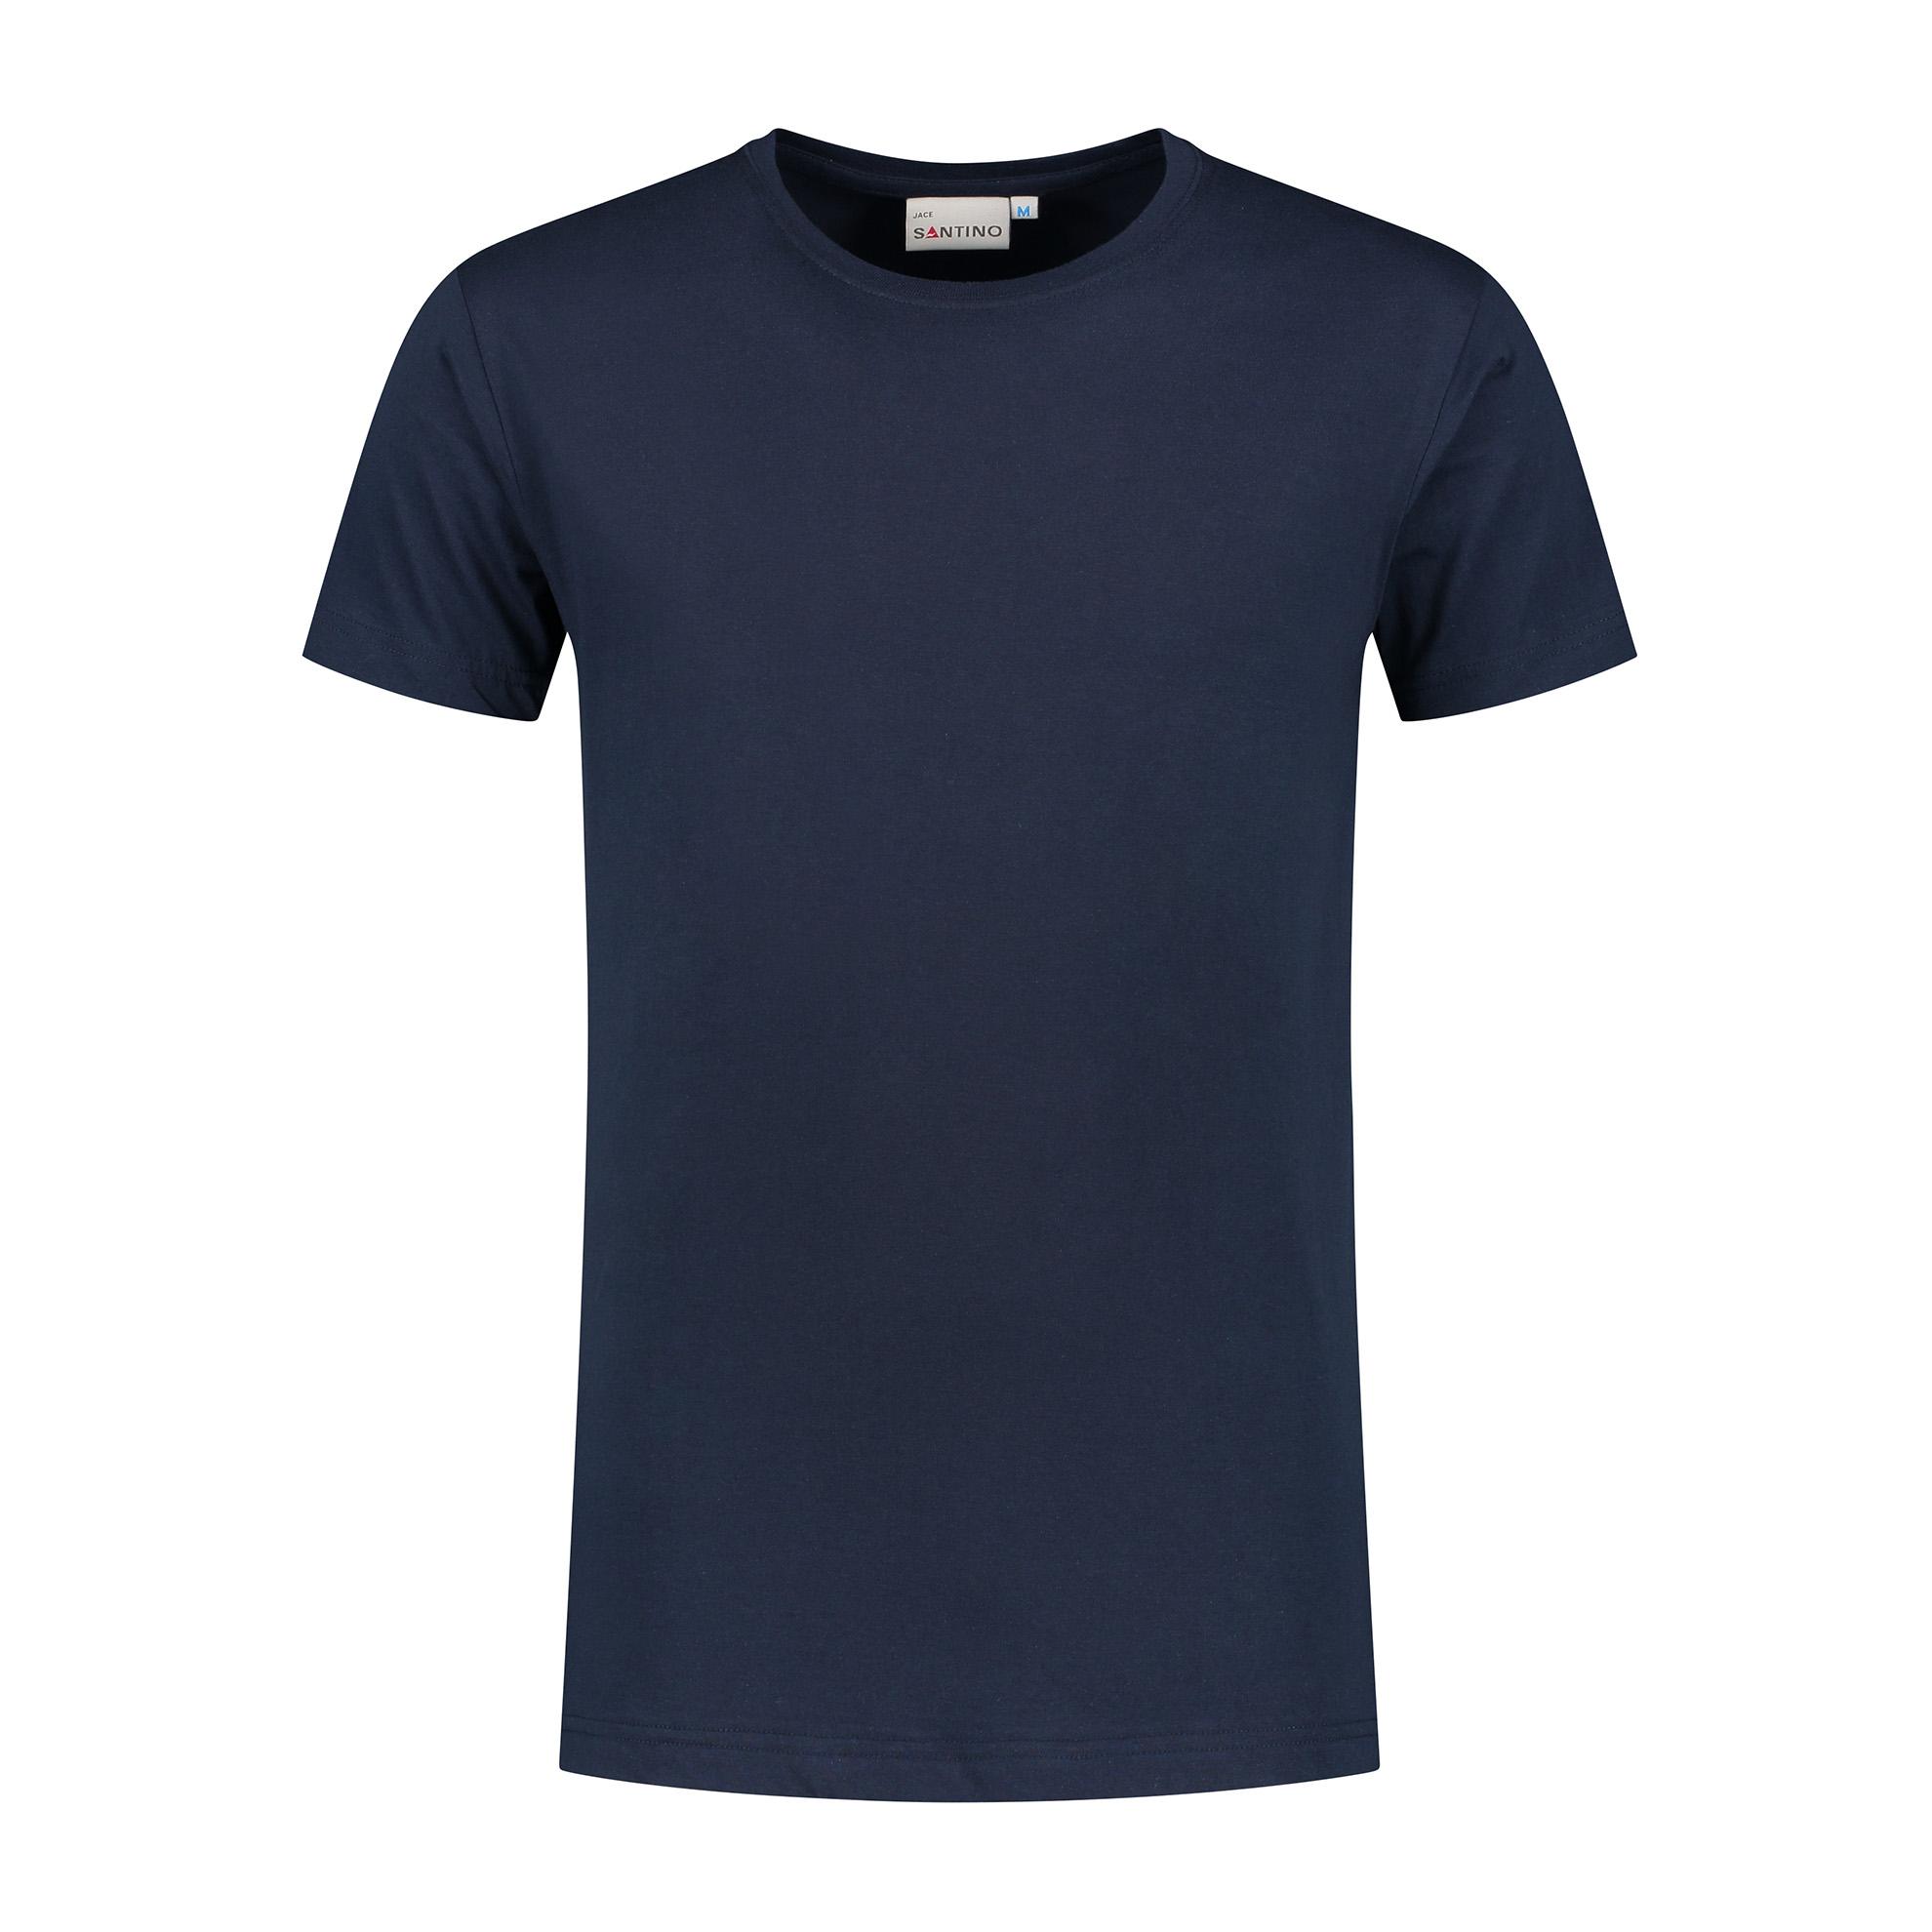 Santino T-Shirt Jace in Marineblau